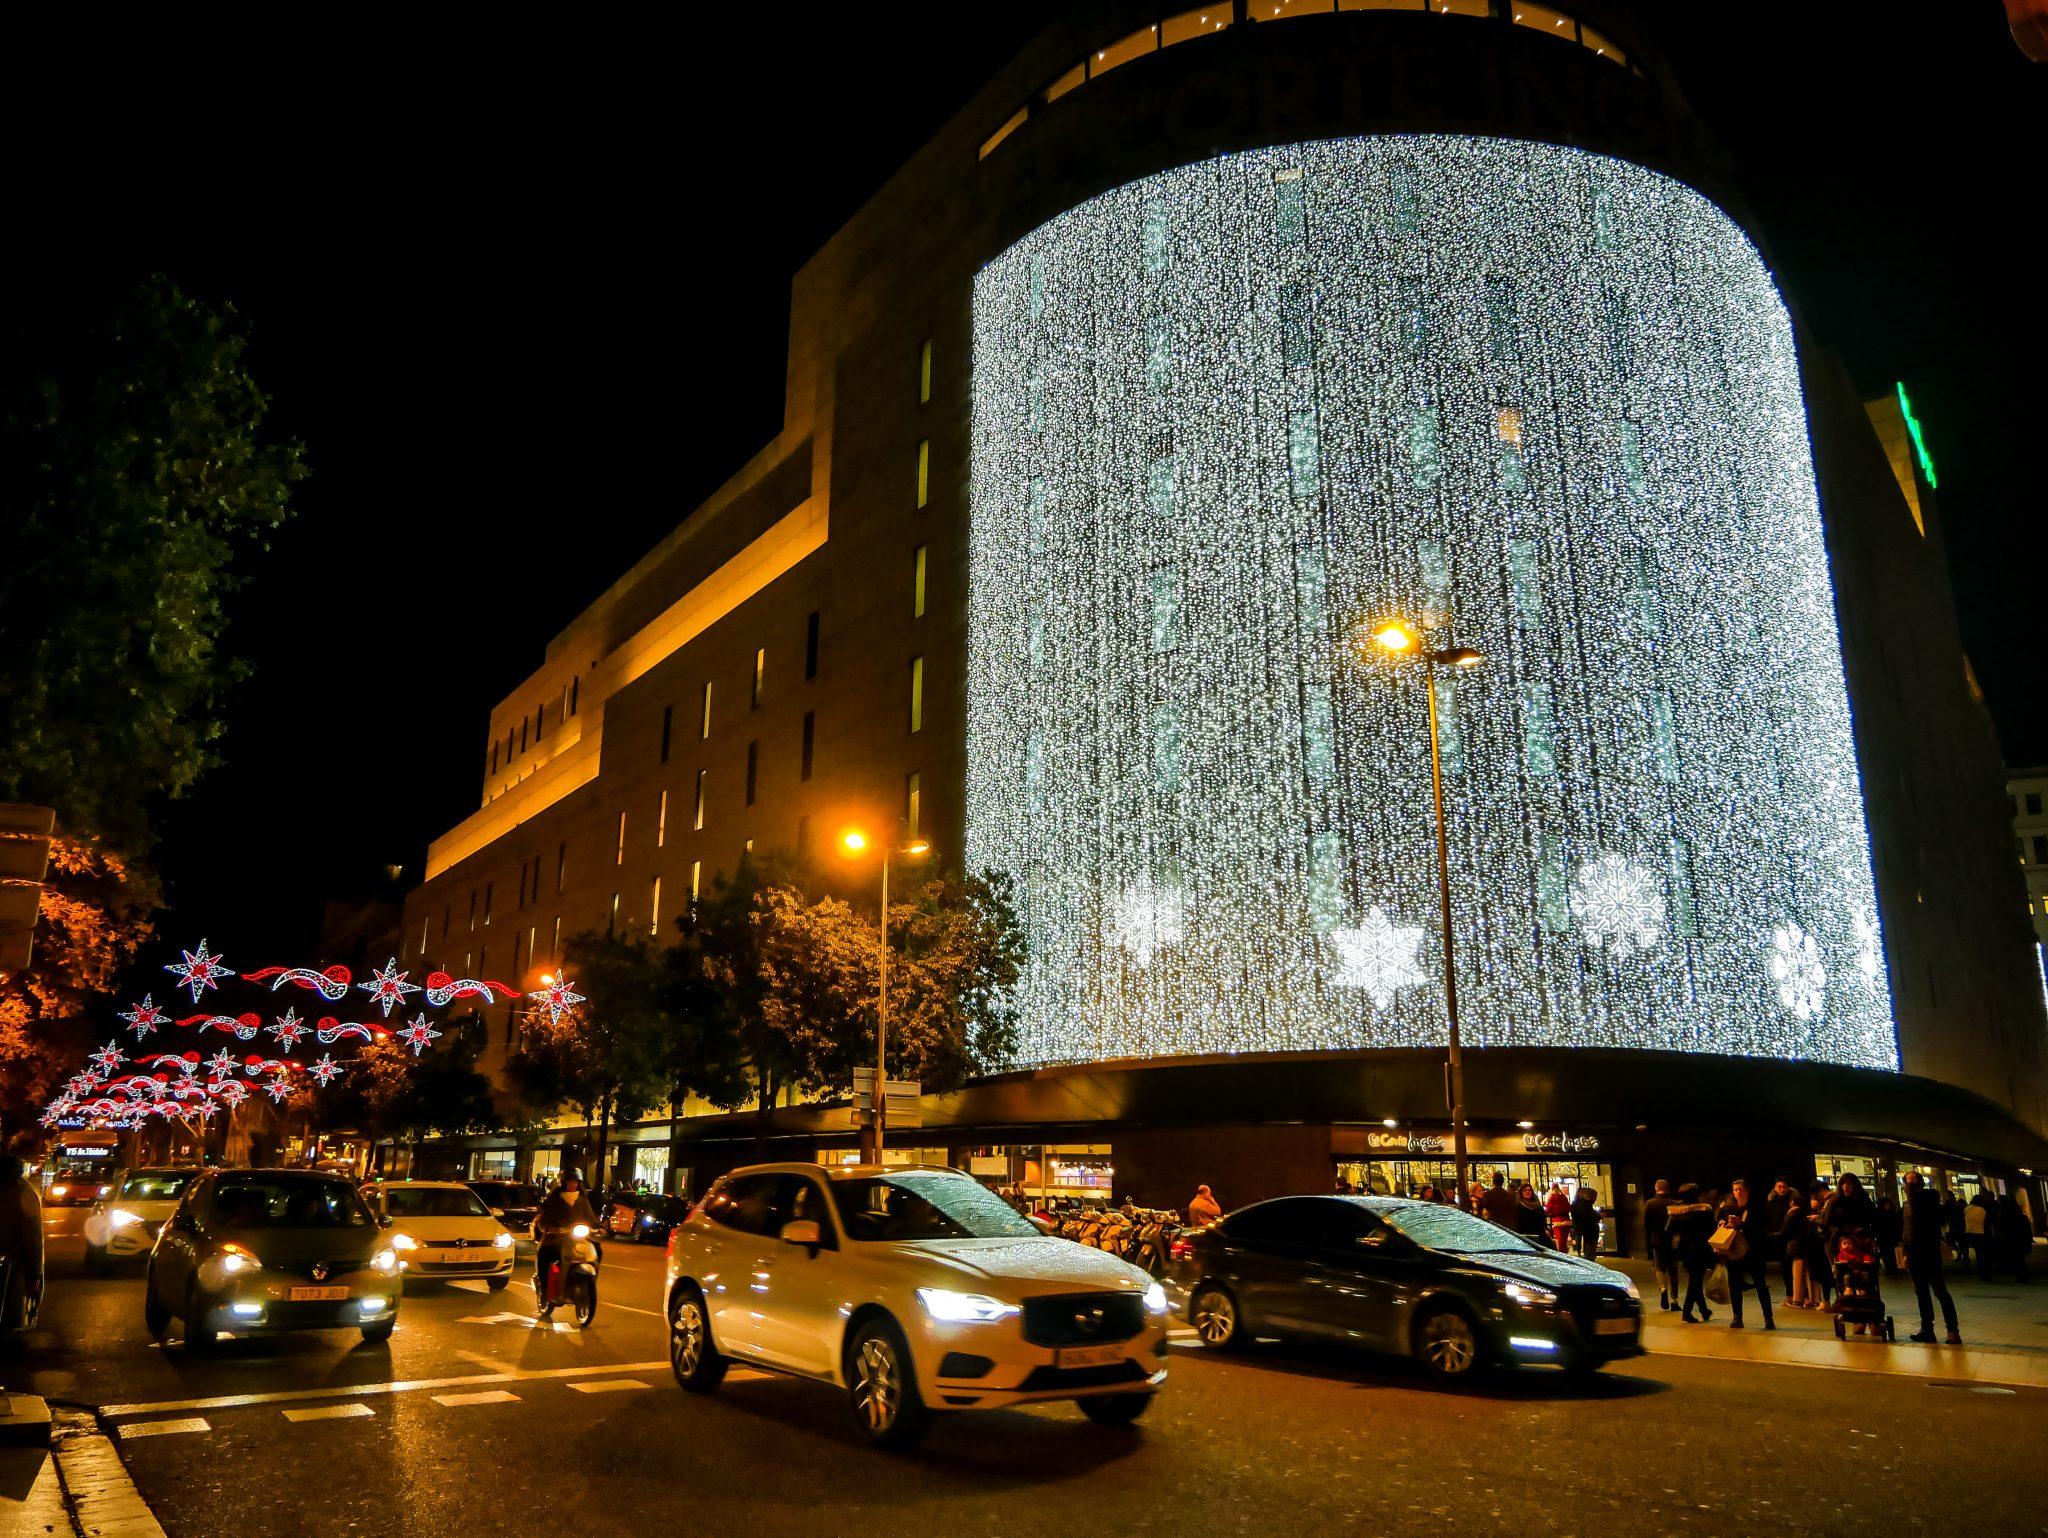 """Das Kaufhaus """"el Corte ingles"""" hat höchstwahrscheinlich die strahlendste Weihnachtsbeleuchtung in ganz Barcelona. Wenn man drunter steht, kommt es einem vor, als ob es Tag ist."""